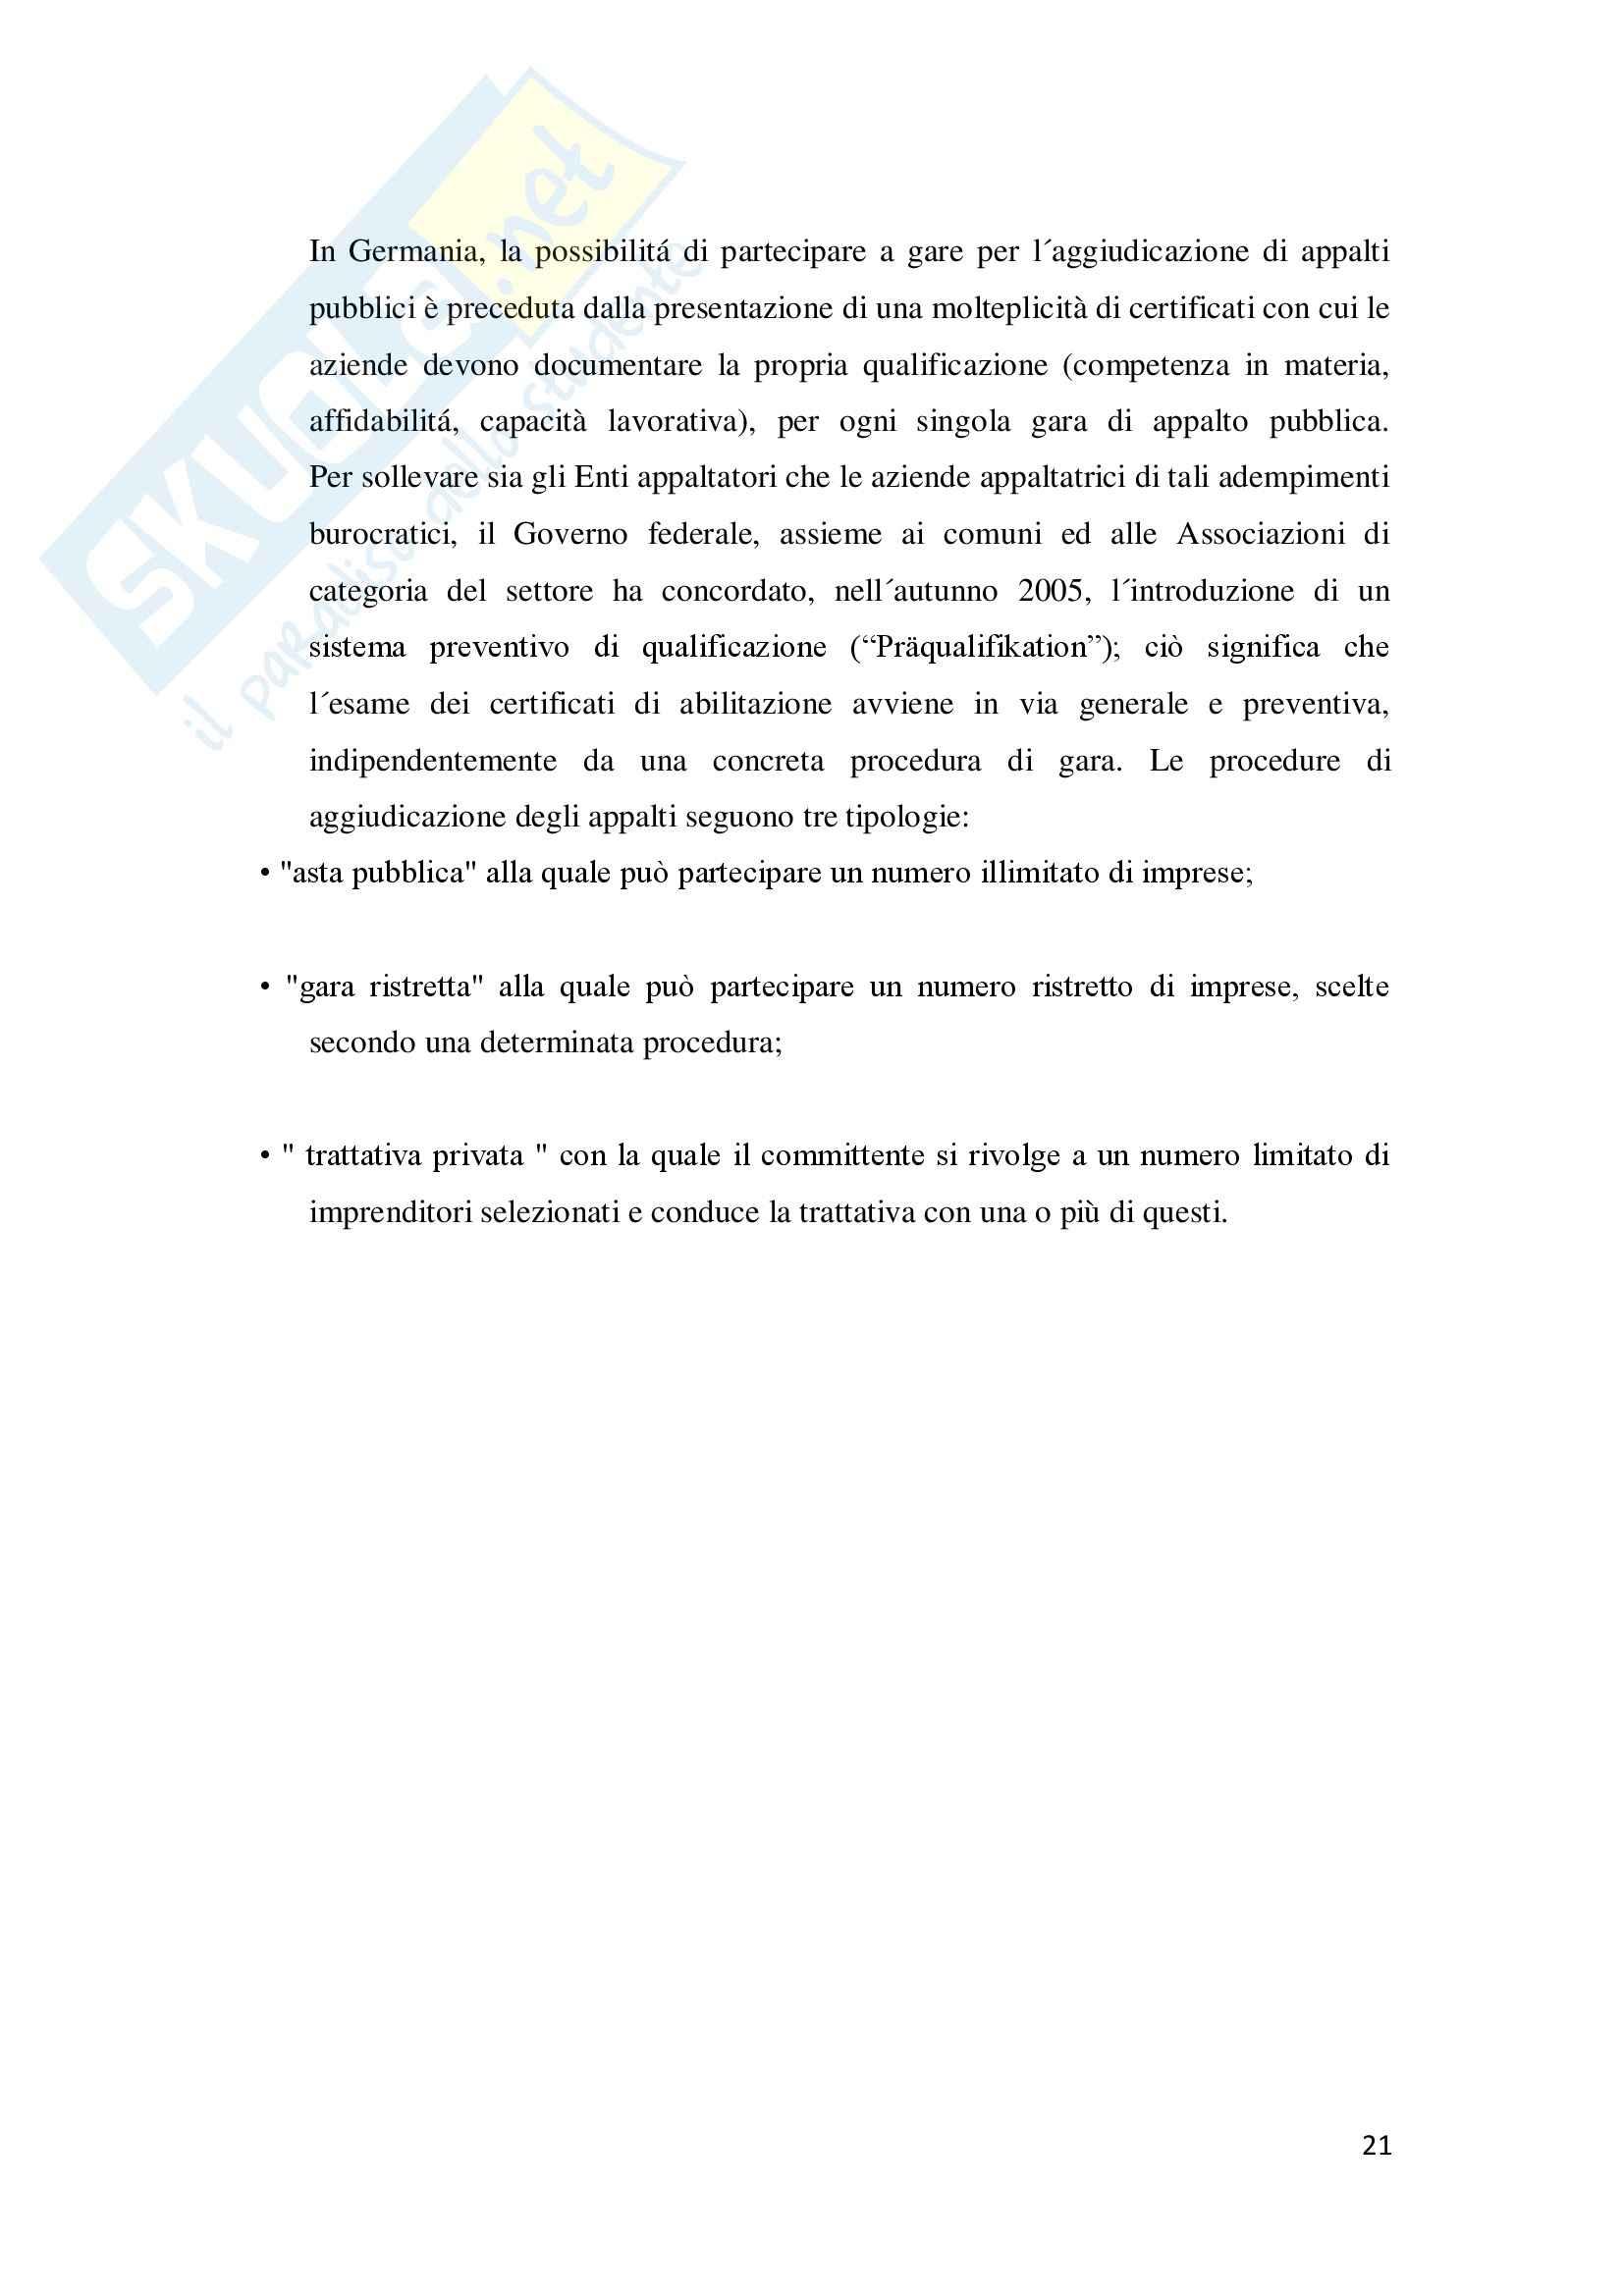 Qualificazione delle imprese, Impianti industriali Pag. 21